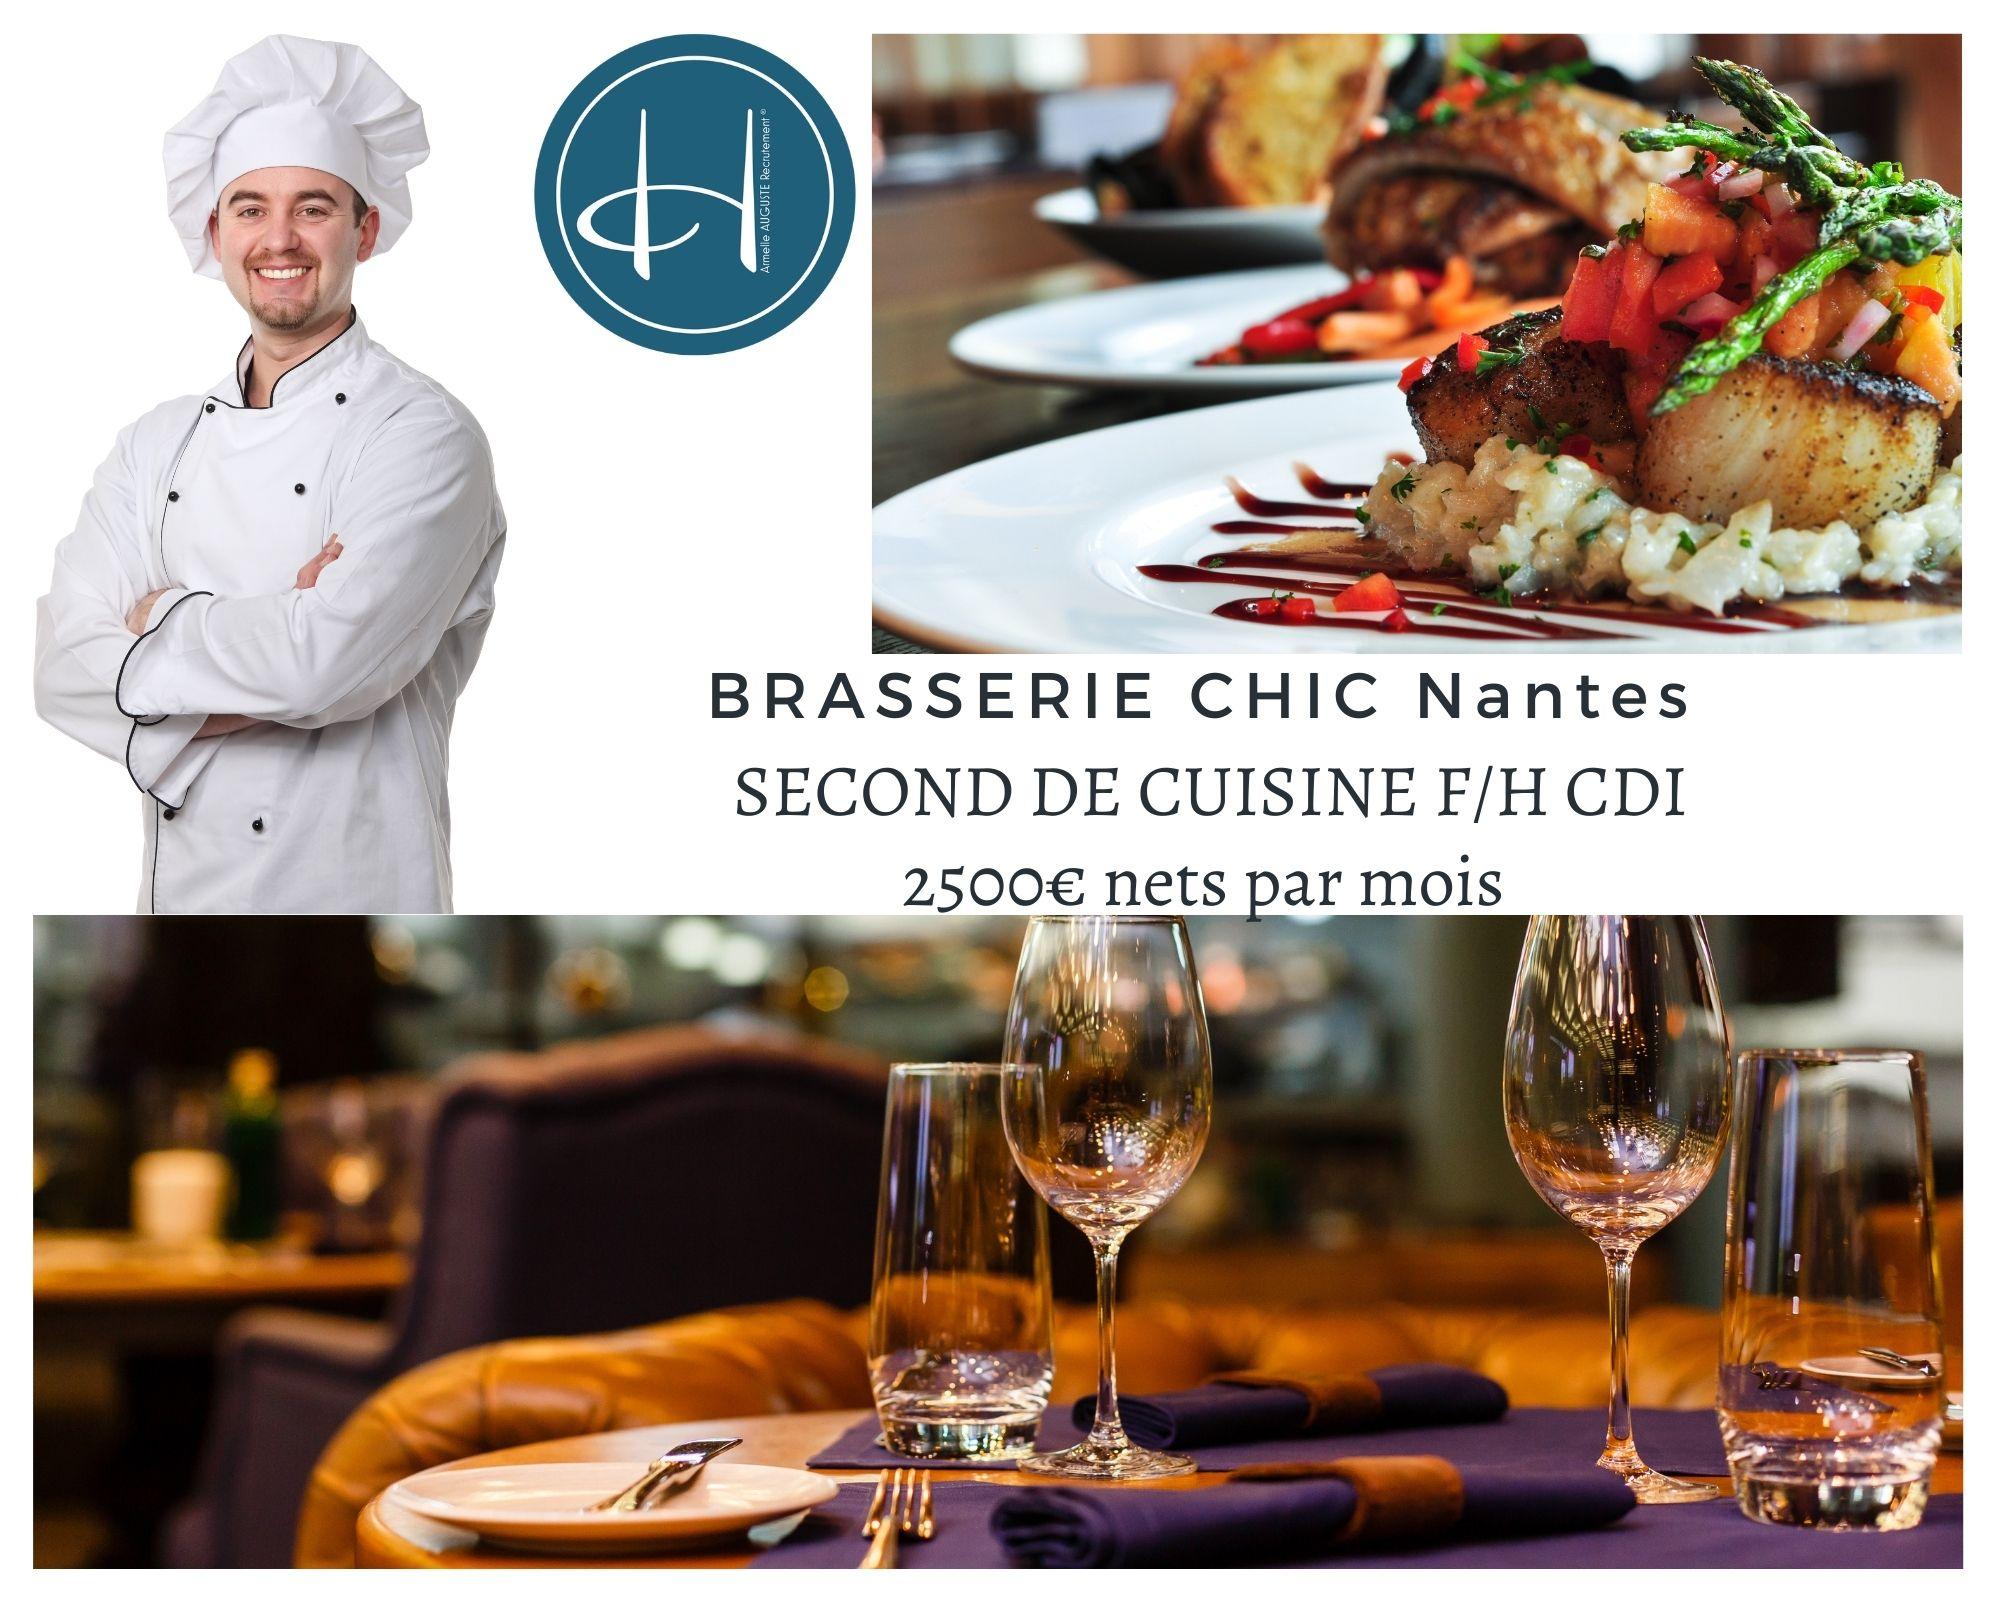 Recrutement: Second de cuisine brasserie haut de gamme au coeur de Nantes F/H chez Armelle AUGUSTE Recrutement® à Nantes